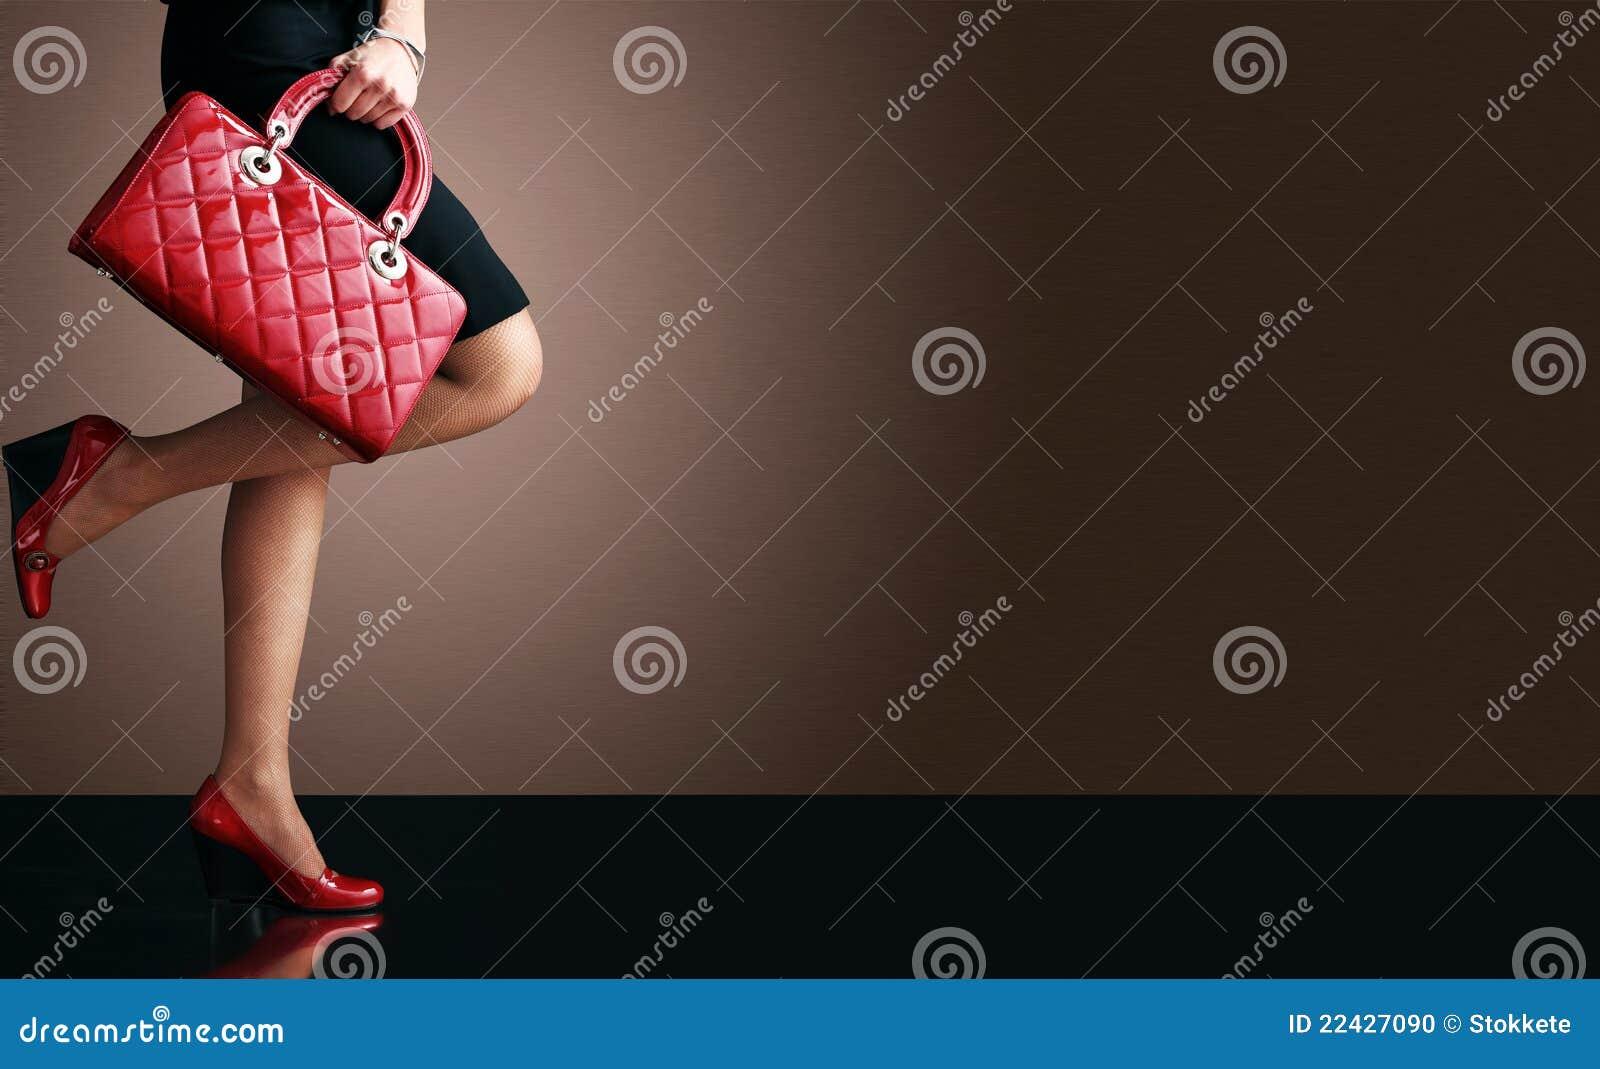 Adatti la foto, piedini sexy della donna con la borsa